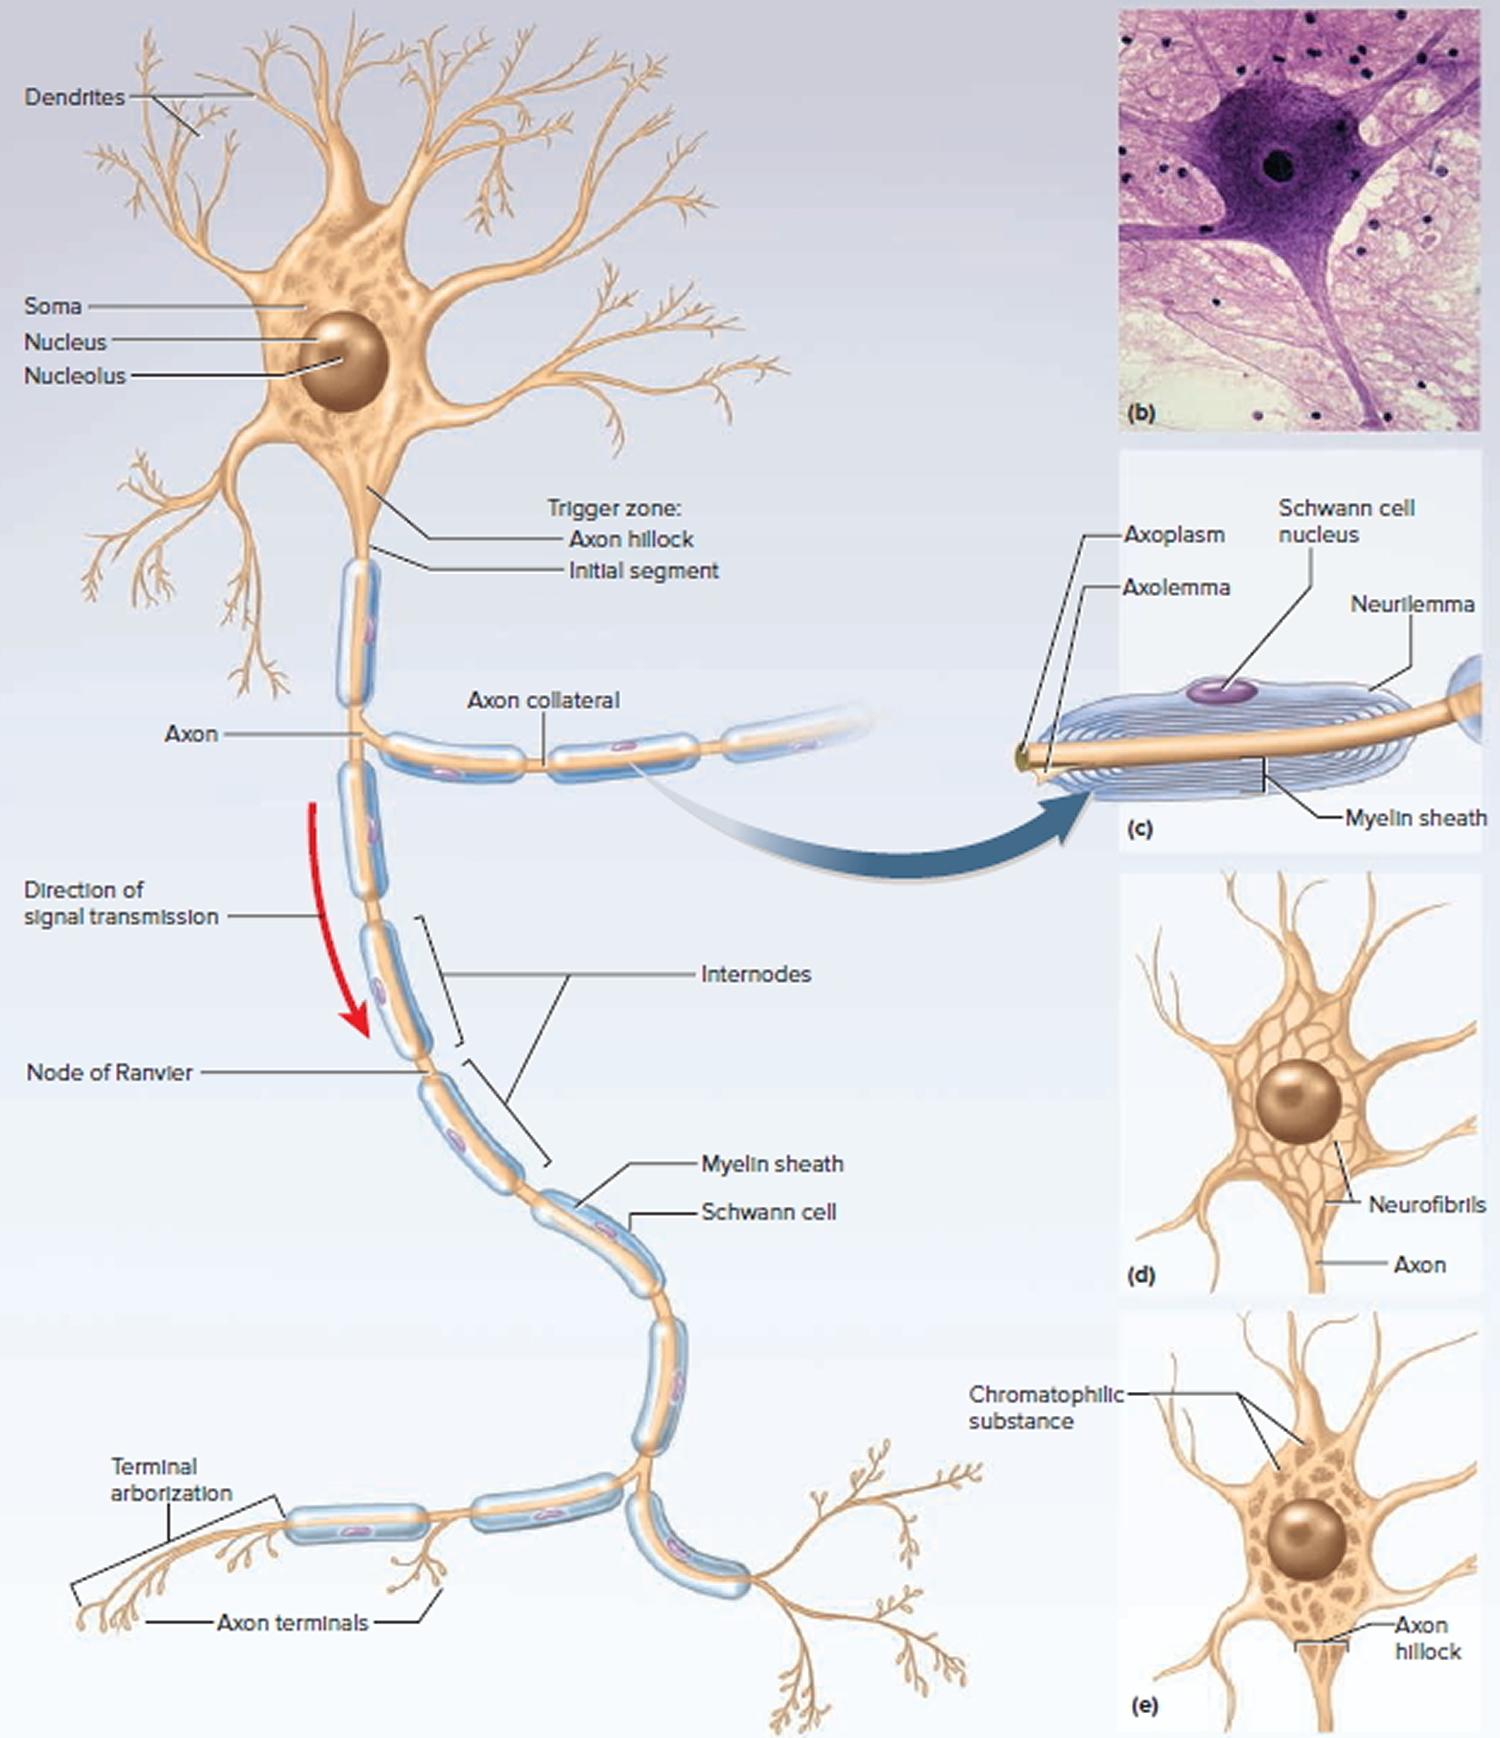 Central Nervous System Diagram Central Nervous System